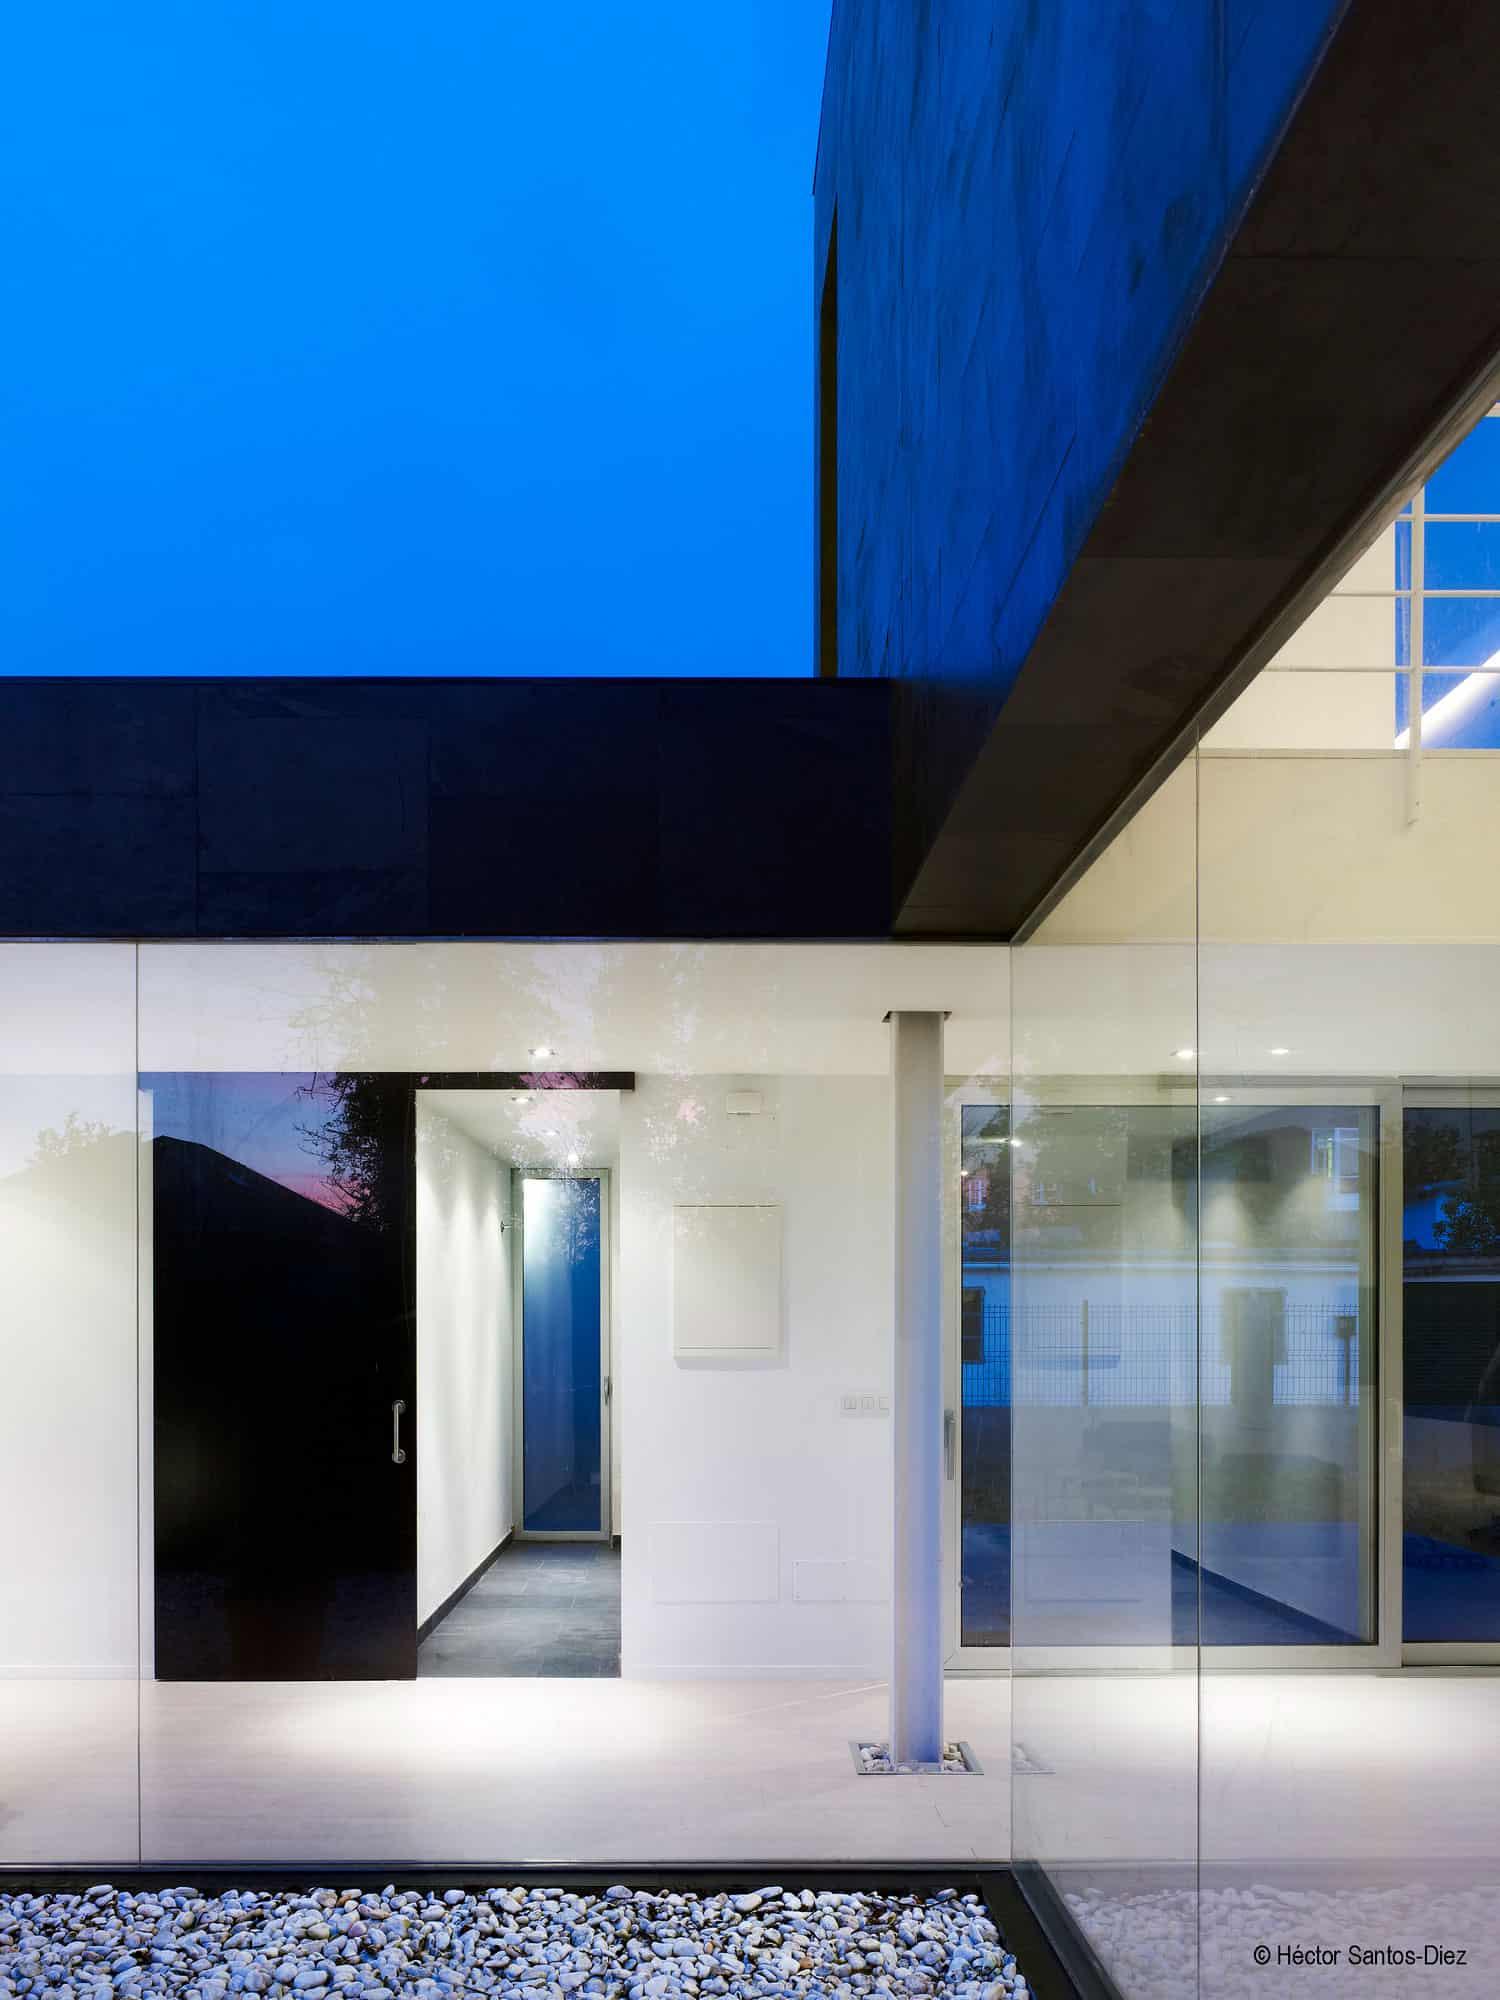 EINS House by Oscar Pedros (9)